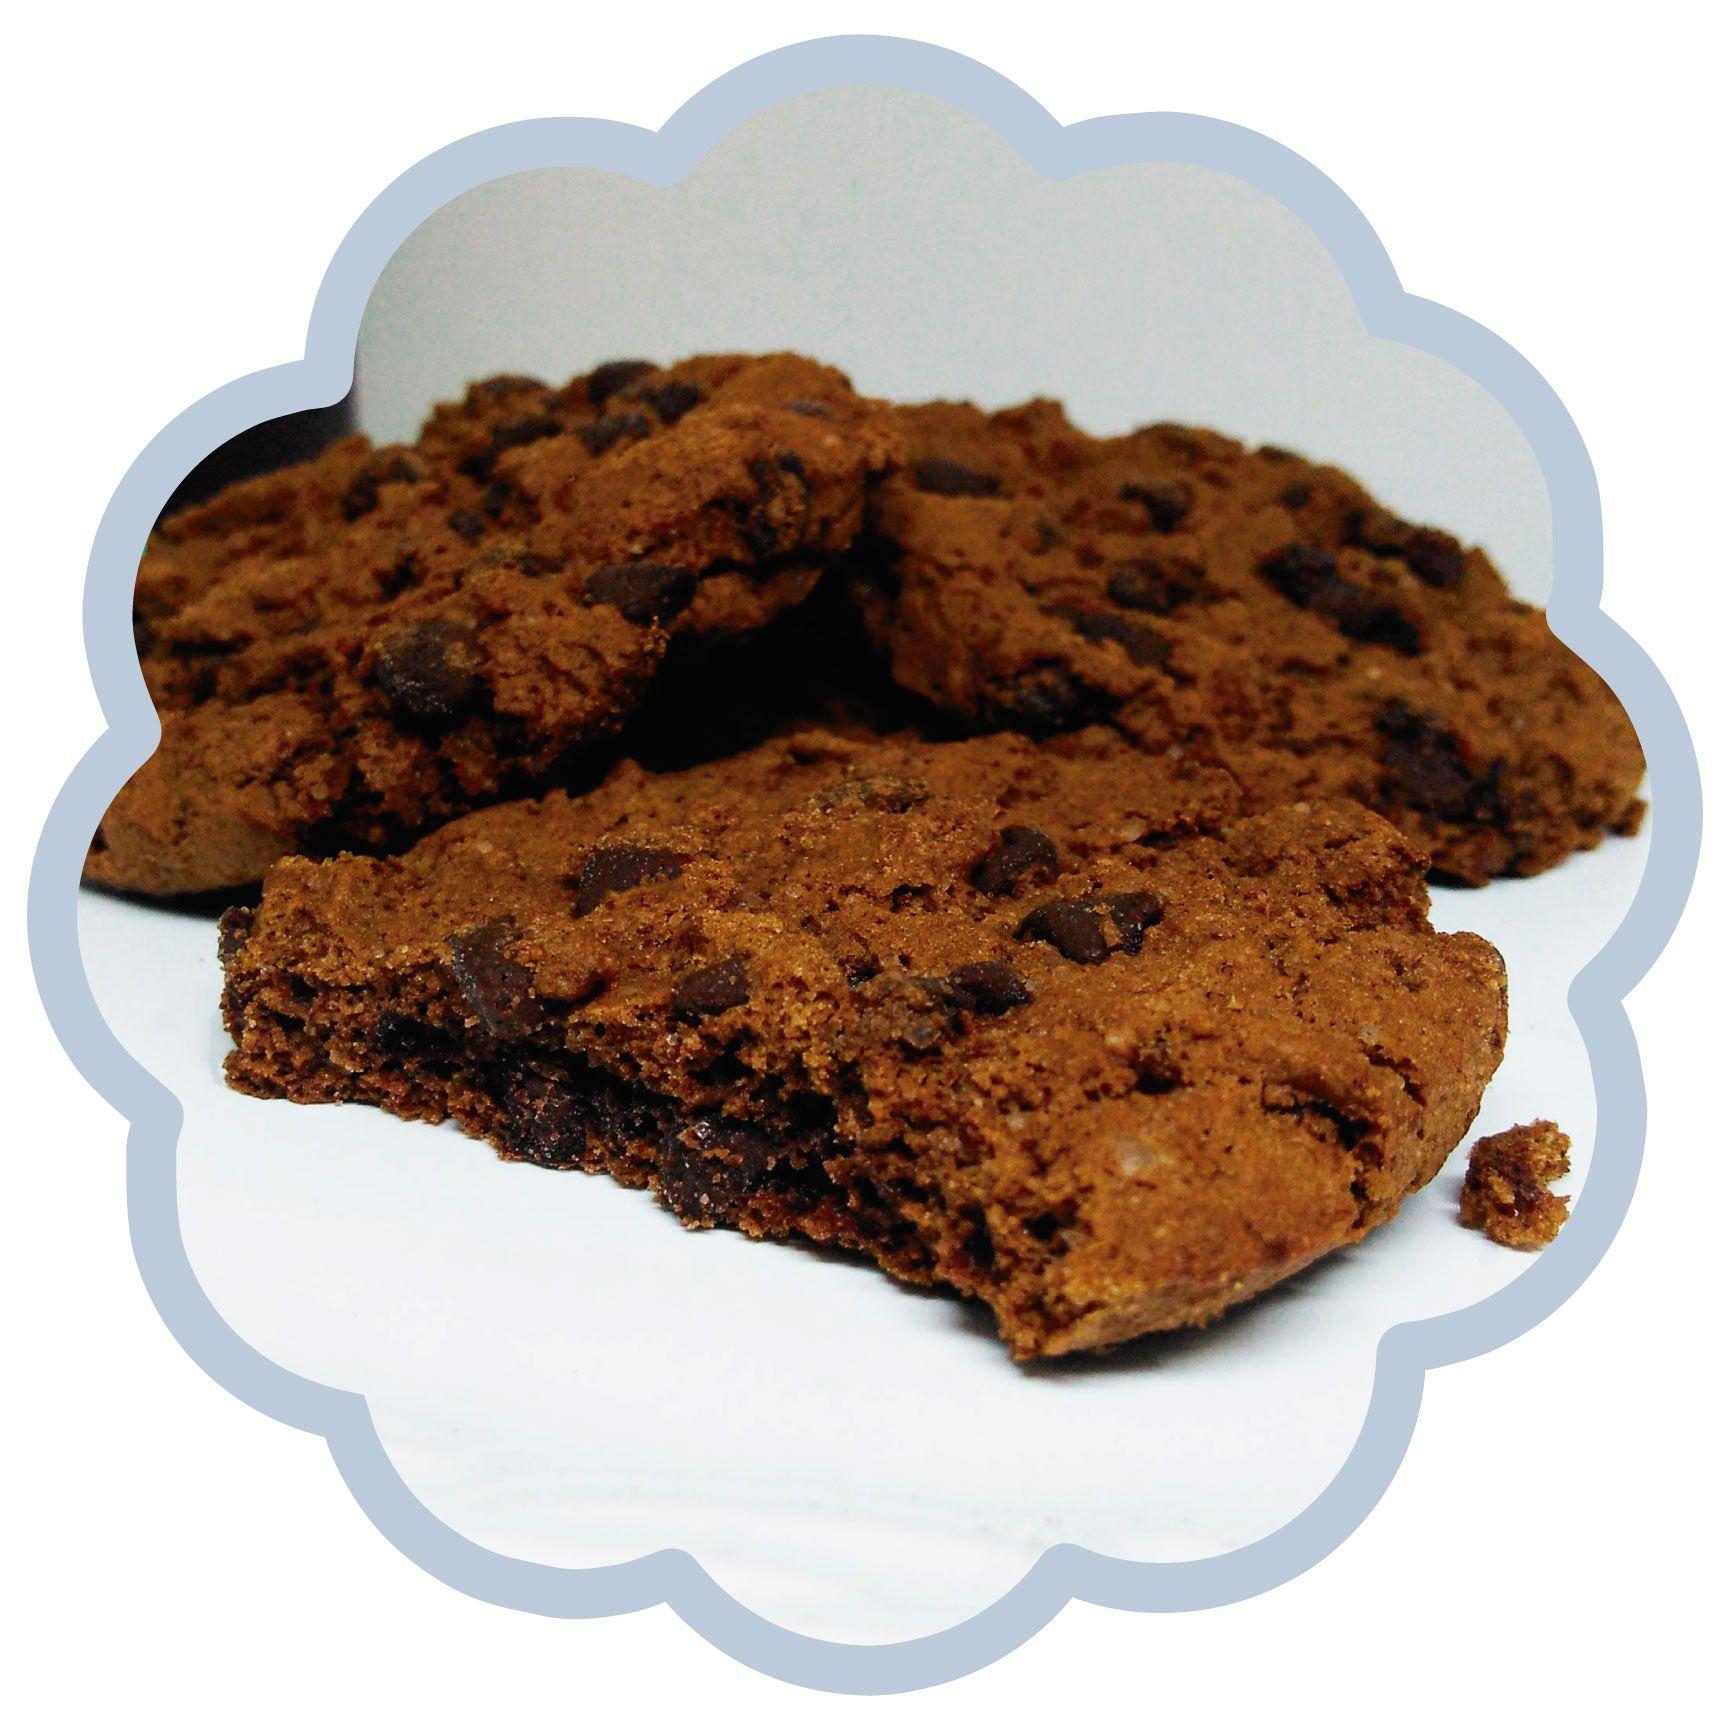 Cookie de Chocolate - LATA DE PÁSCOA  - 200g